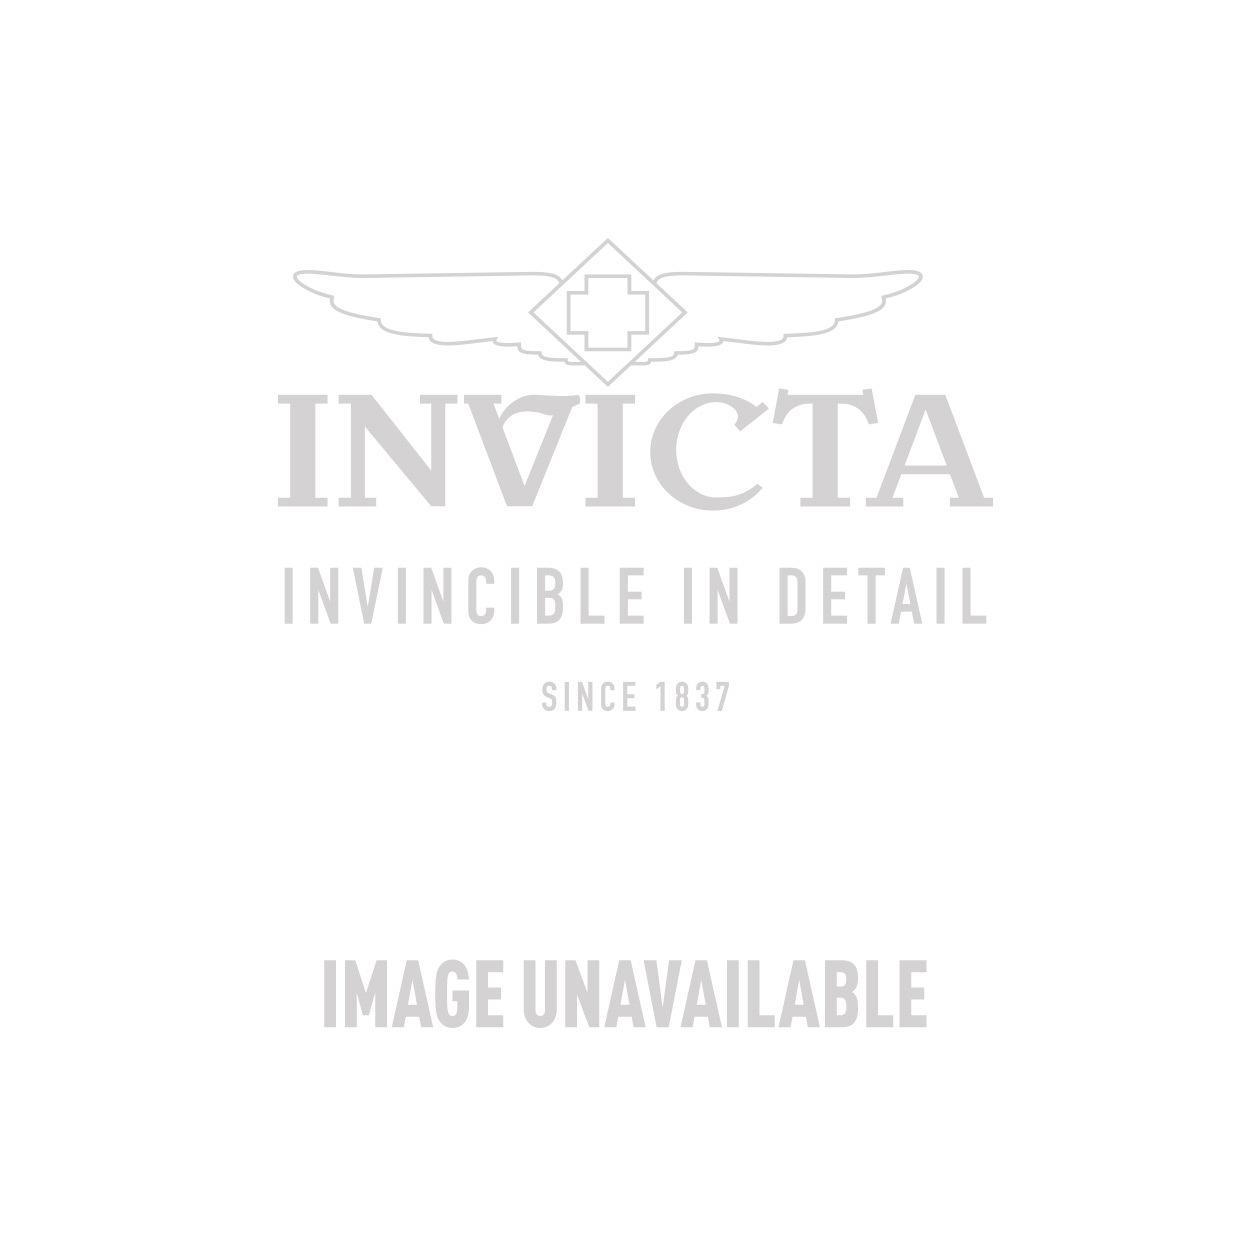 Invicta Model 25173